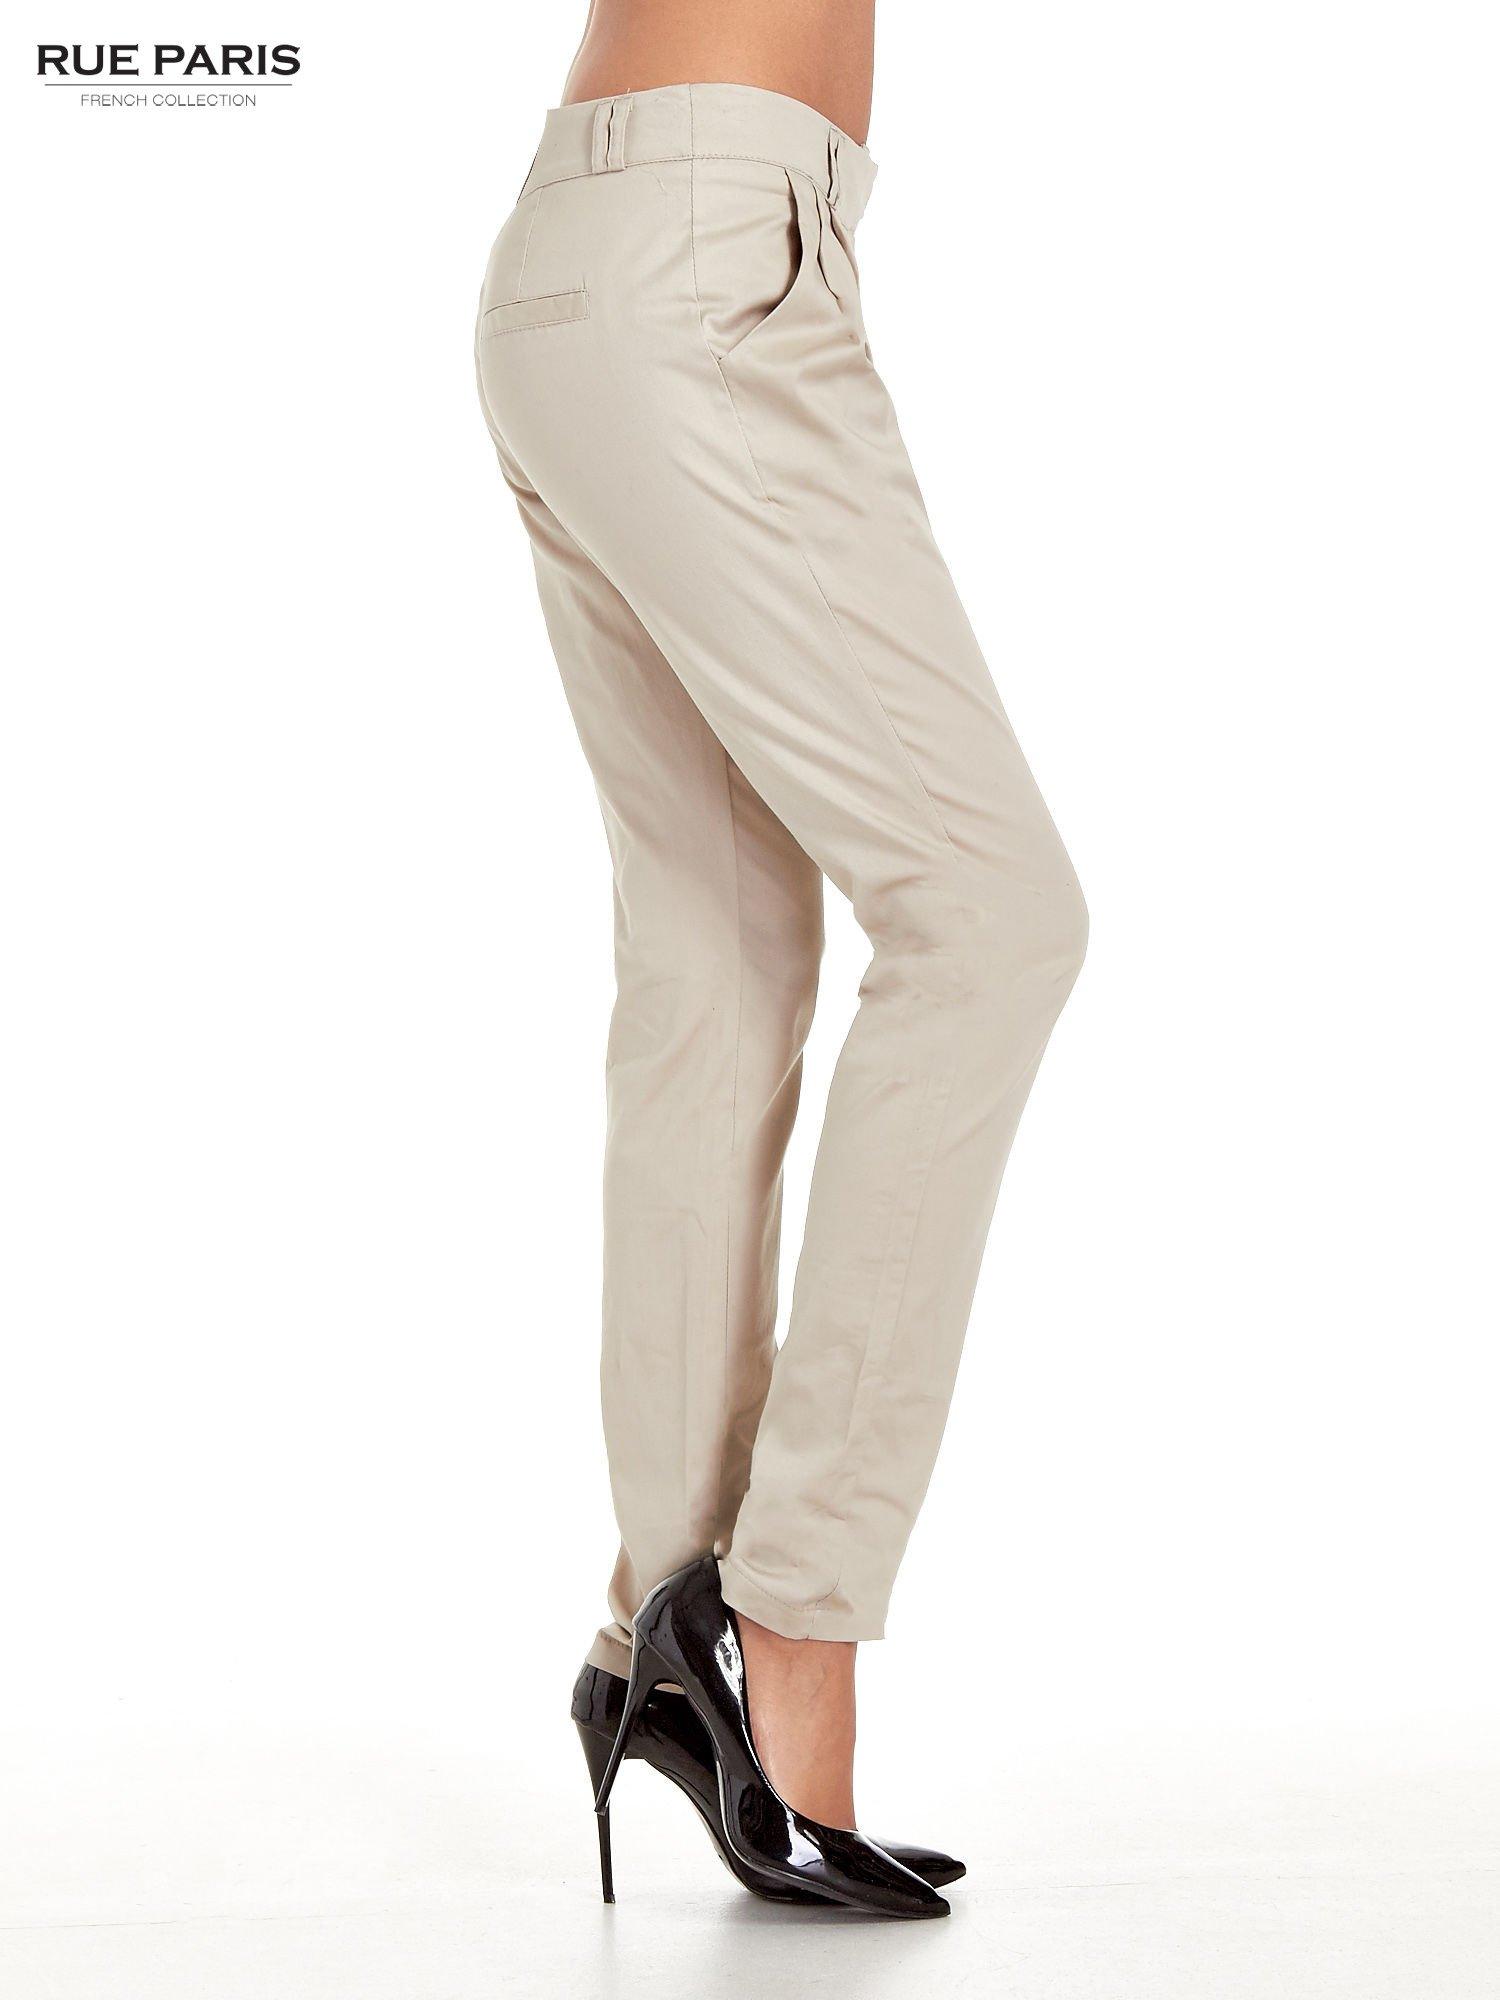 Jasnobeżowe spodnie cygaretki z zakładkami                                  zdj.                                  3